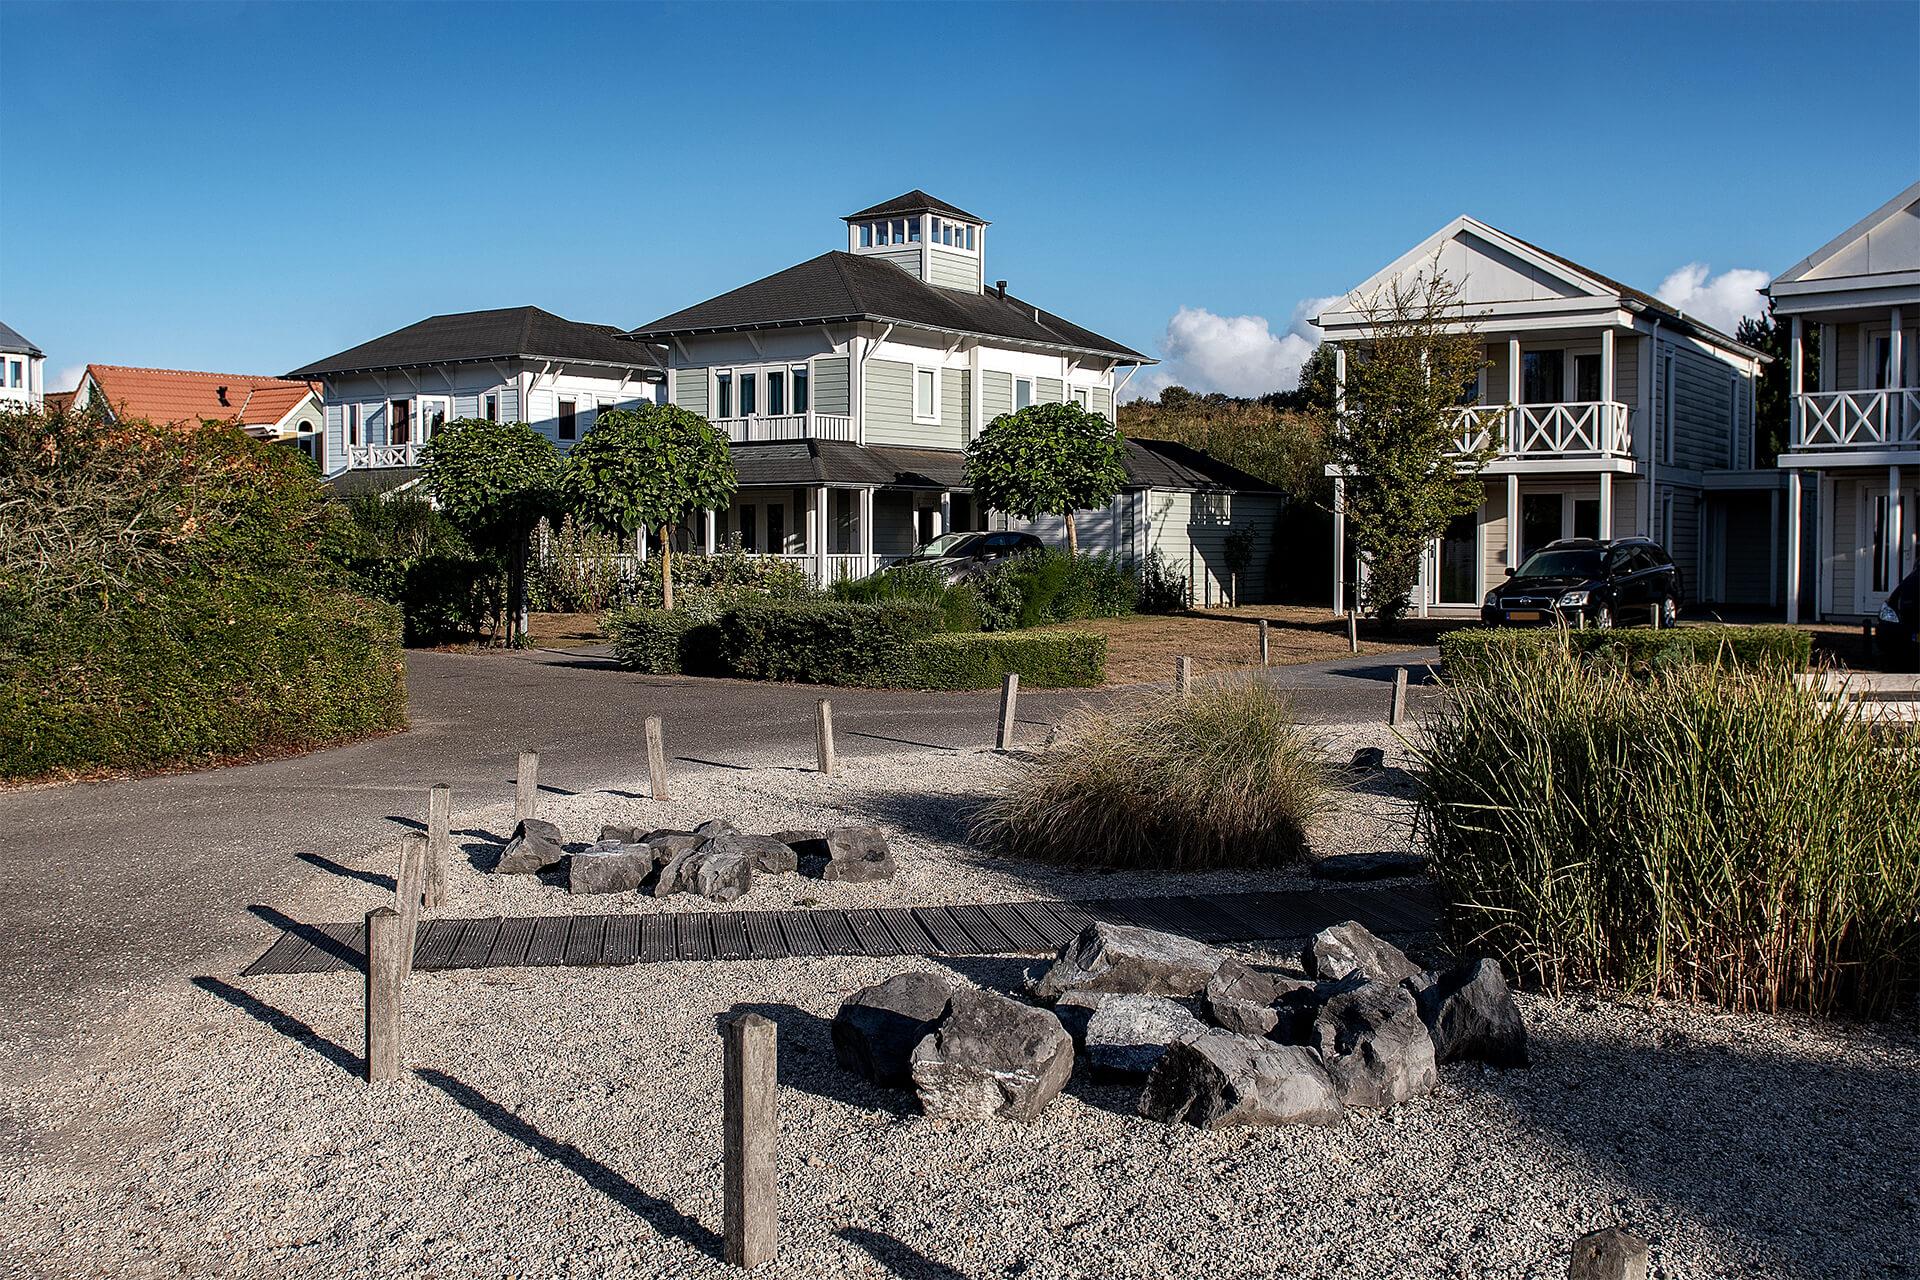 Leisure Architectuur - De Banjaard (Kamperland) vakantiewoningen aan een plein